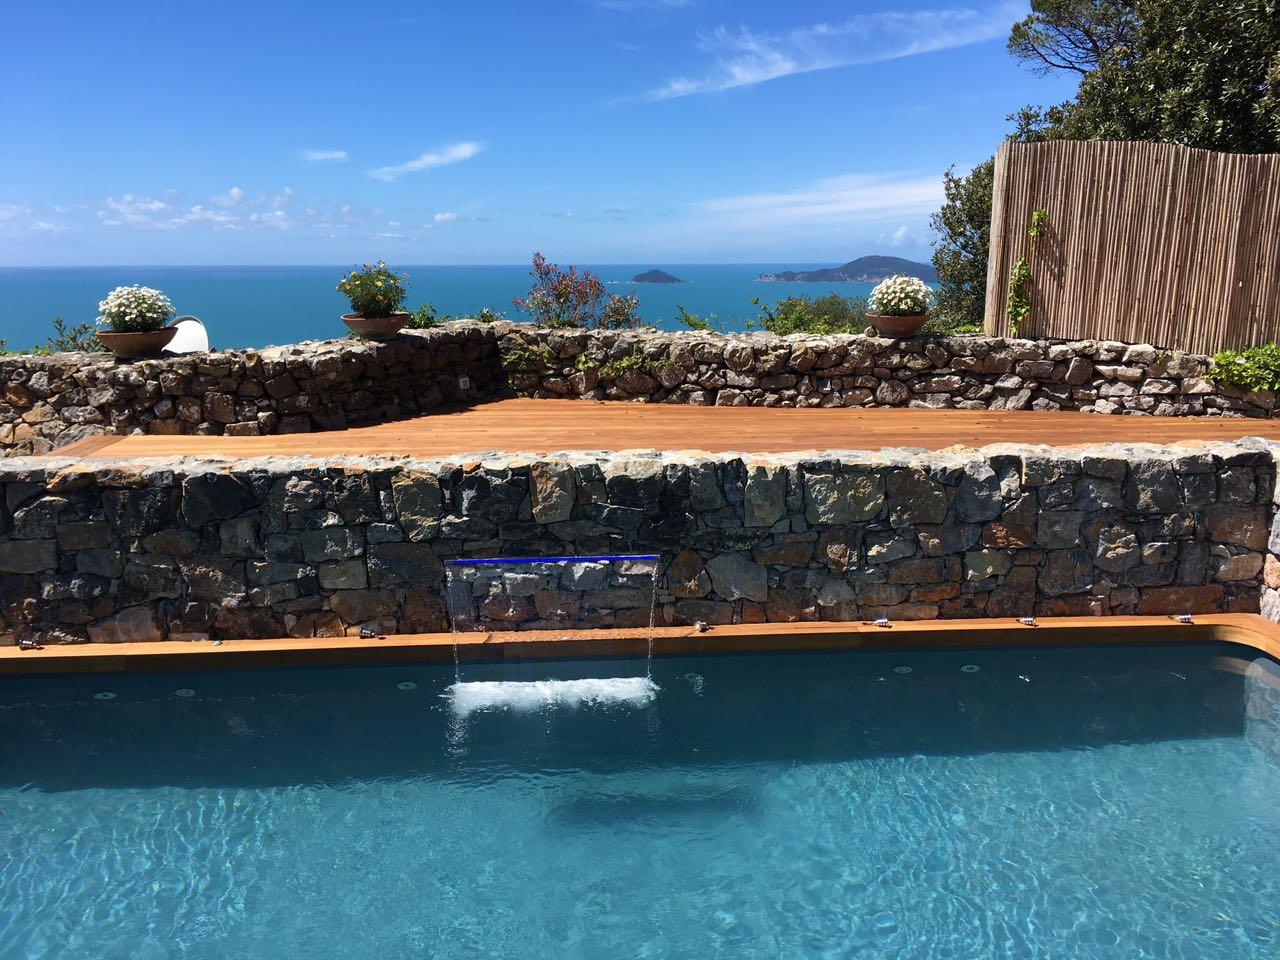 5. Realizzazione piscina interrata scoperta con particolare di fontana a cascata e scorcio di terrazza sul mare: lavori ultimati.